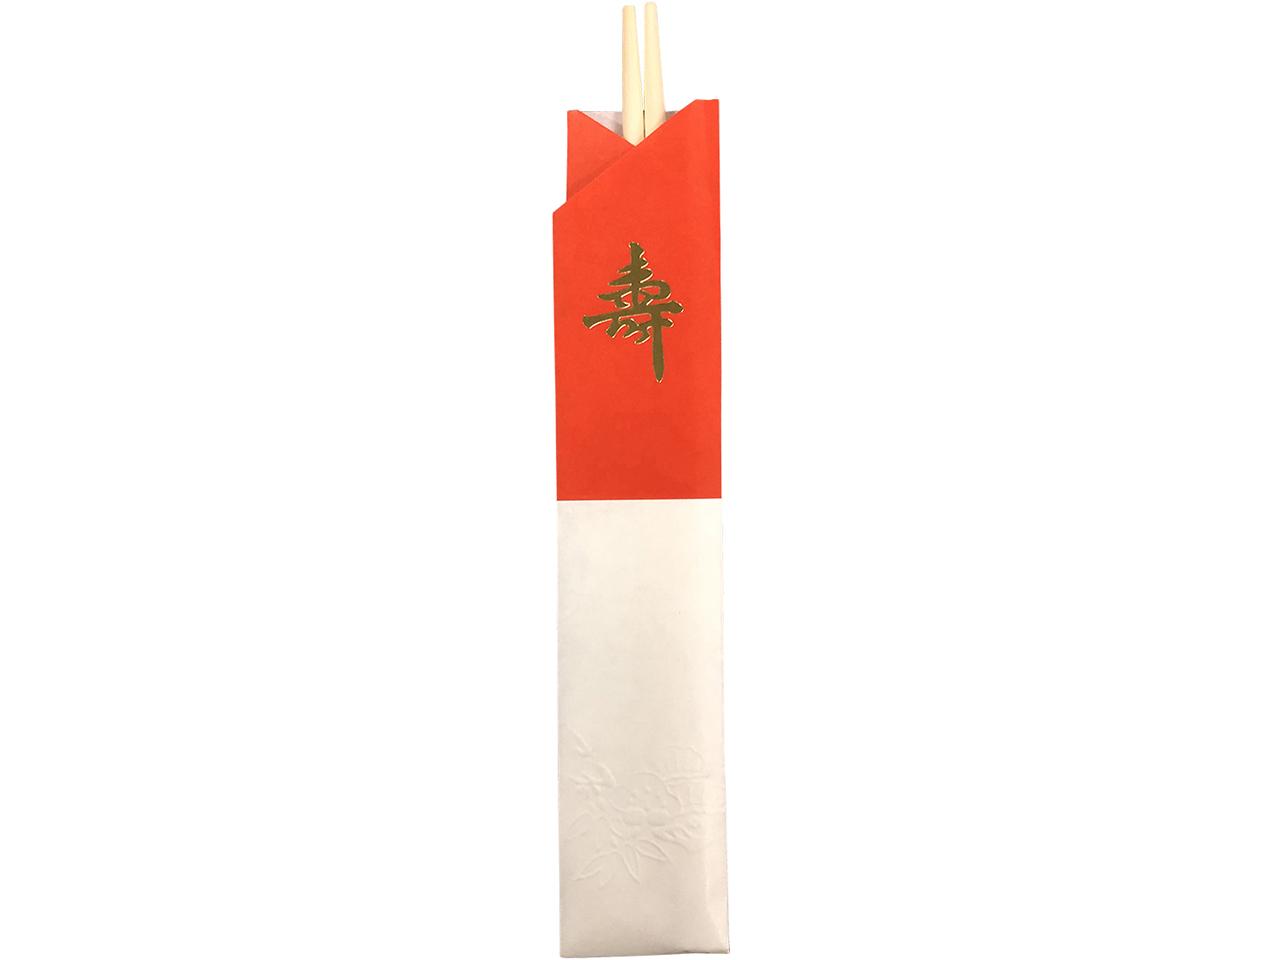 お買い得な輸入の割り箸 「アスペン祝箸 紅白10膳」 ポストIN発送対応商品